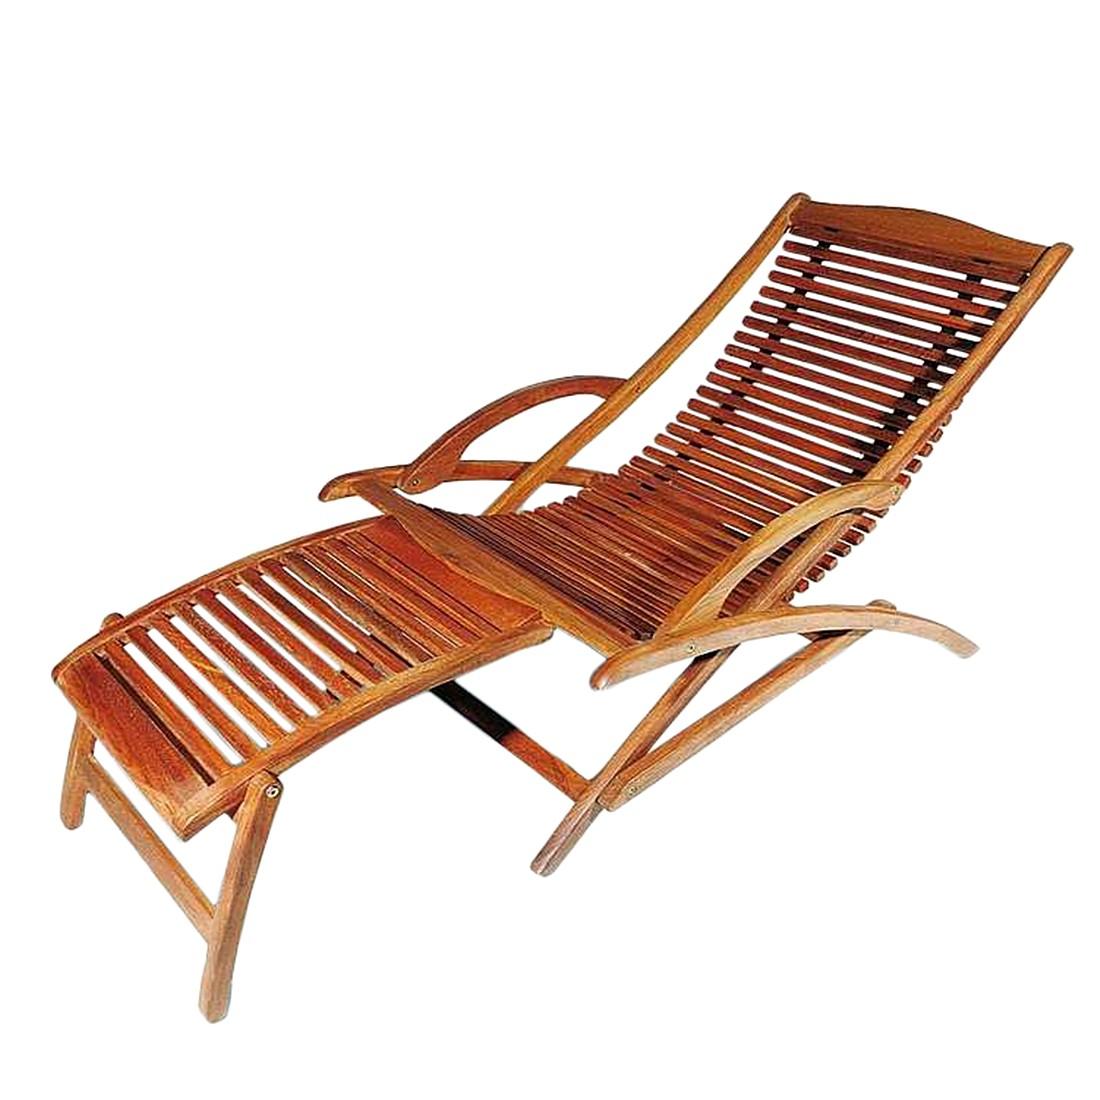 Bien choisir un transat en bois pas cher conseils et prix Chaise longue jardin bois exotique